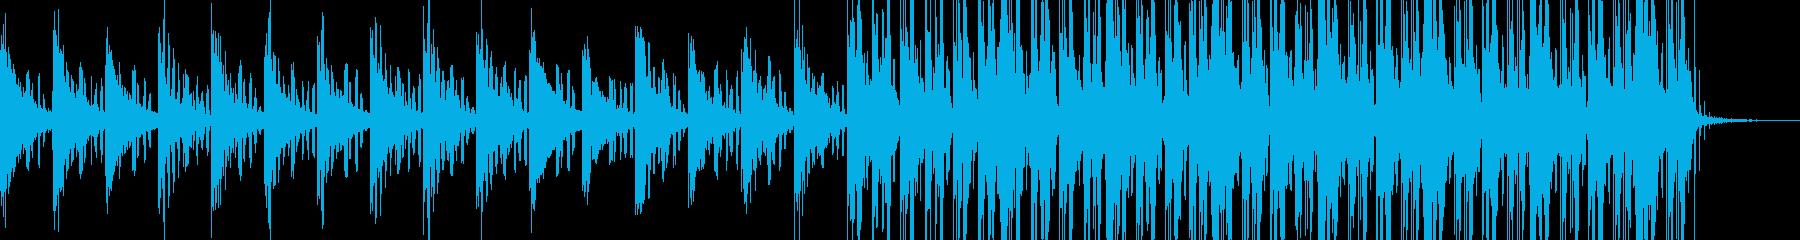 実用的シンセの無機質アンビエントBG10の再生済みの波形